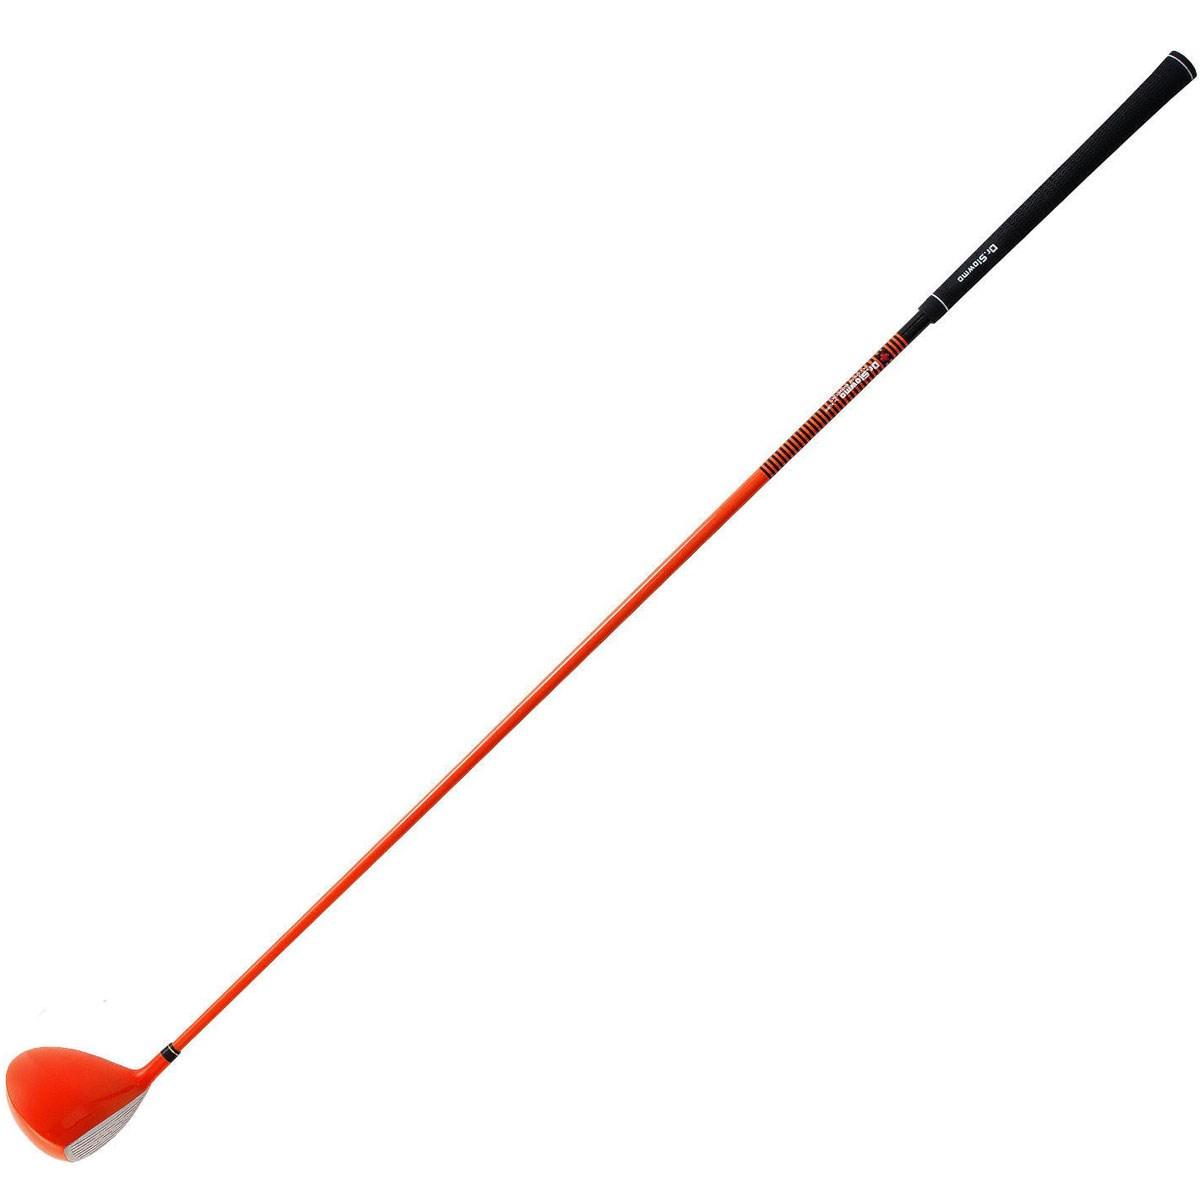 ドクター・スローモー オレンジ ウッドタイプ 番手1W/ロフト15/長さ45インチ オレンジ 右用